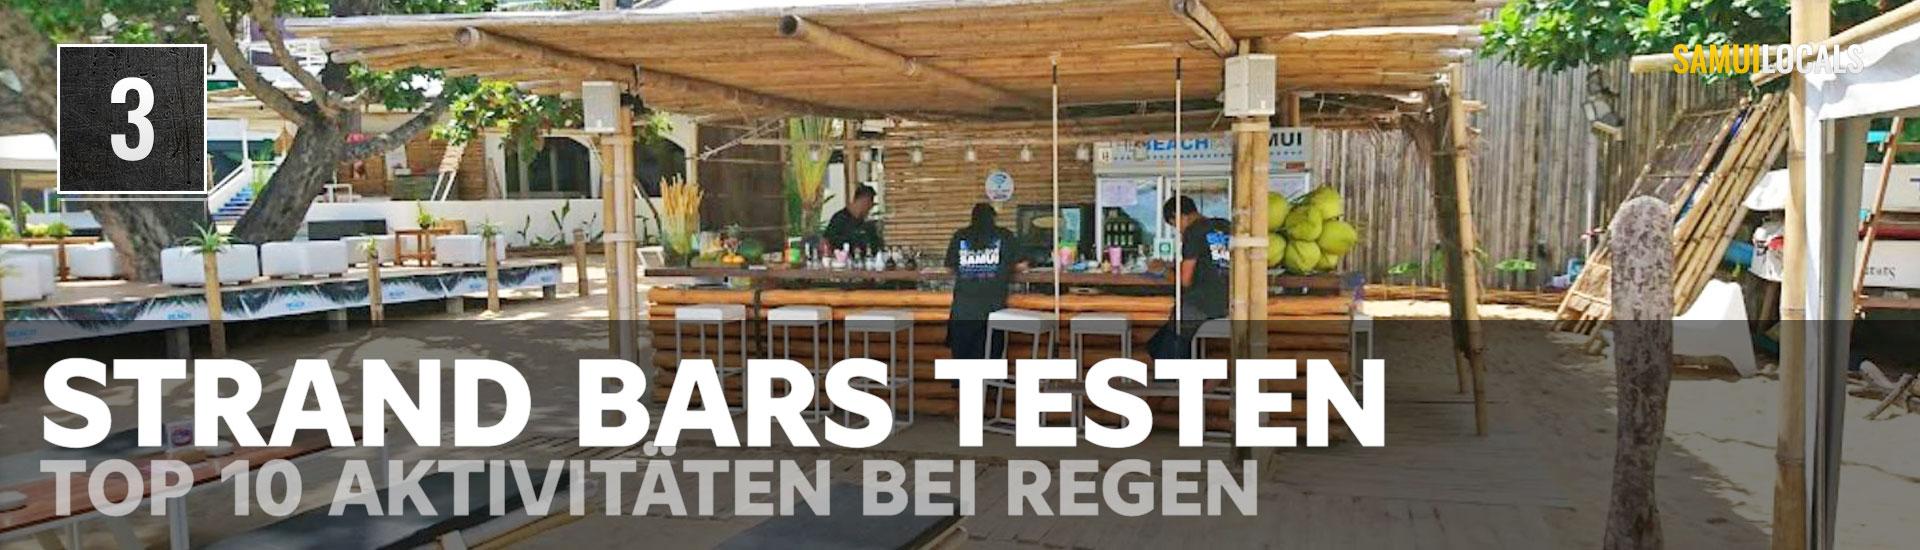 top_10_aktivitaeten_bei_regen_strand_bars_testen